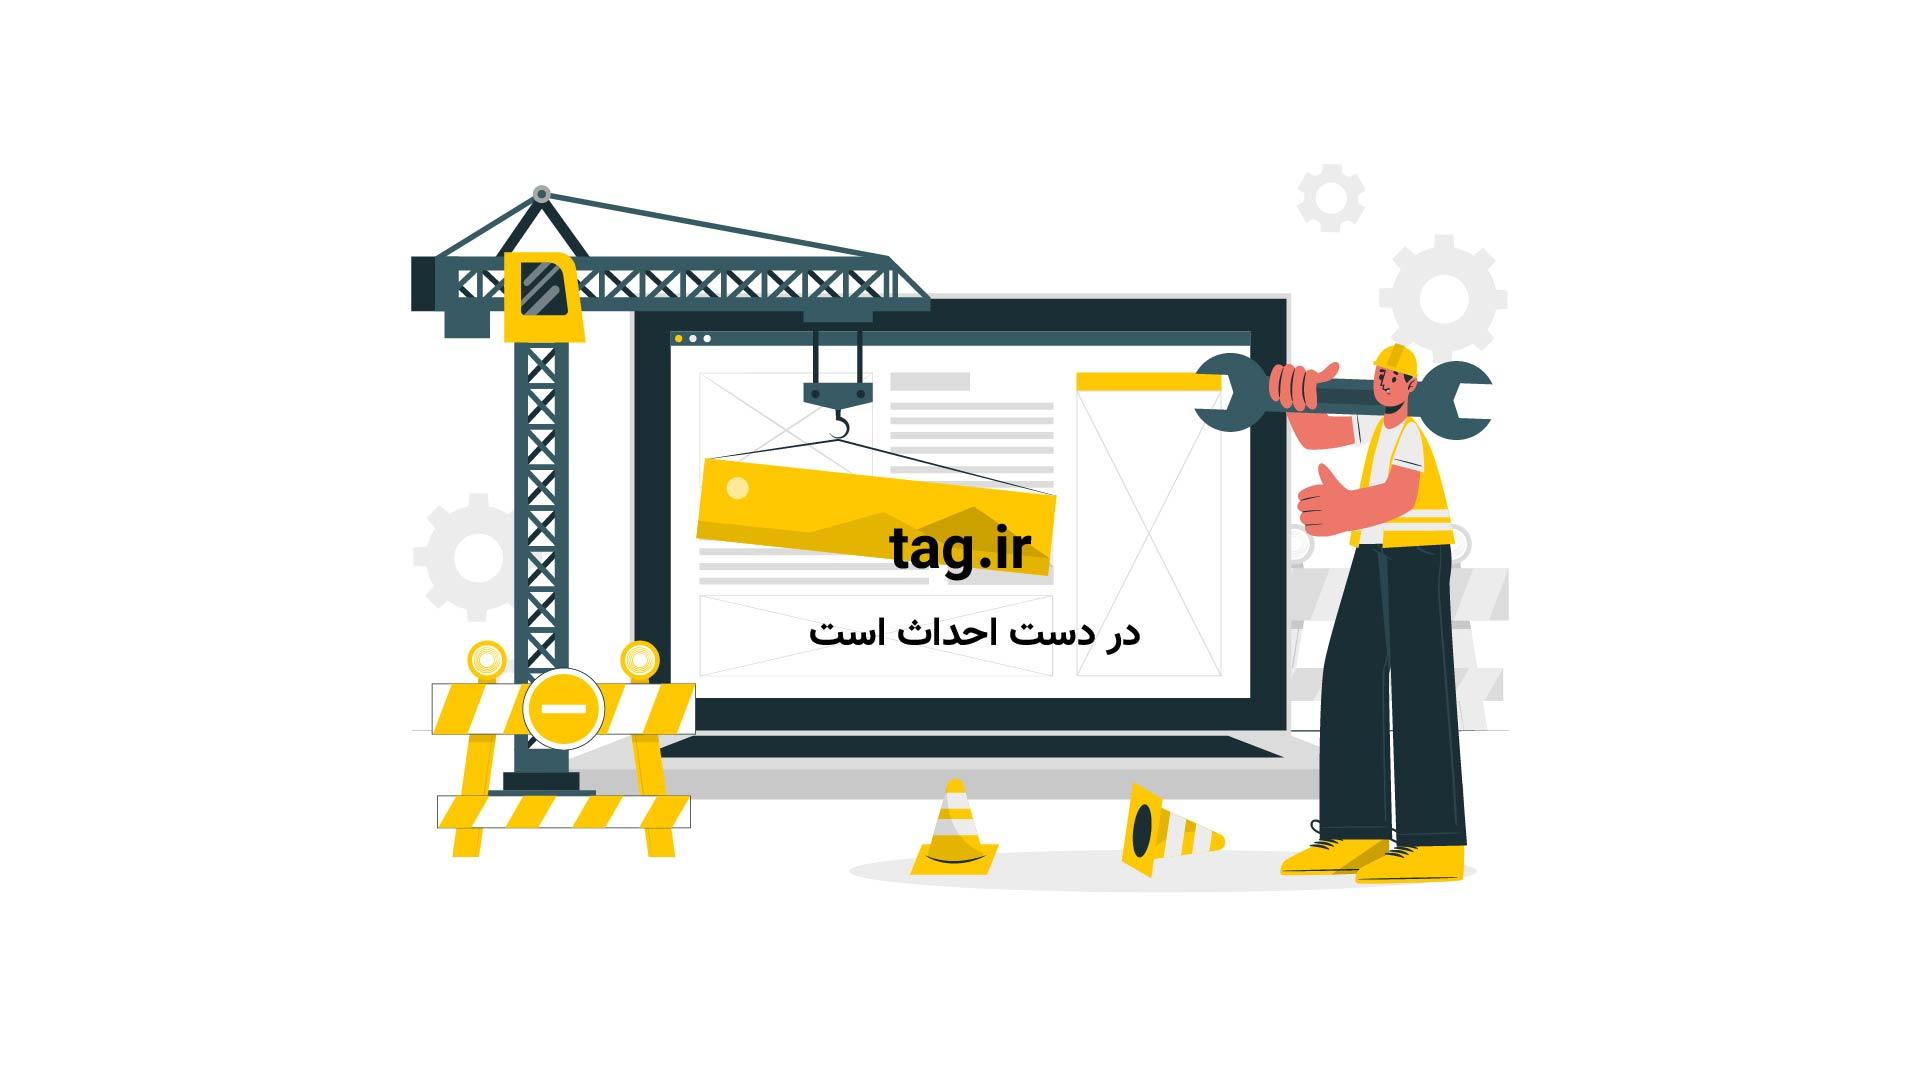 خلاصه بازی بسکتبال لس آنجلس لیکرز ۸۸ – ۱۰۵ نیو اورلینز پلیکانز | فیلم